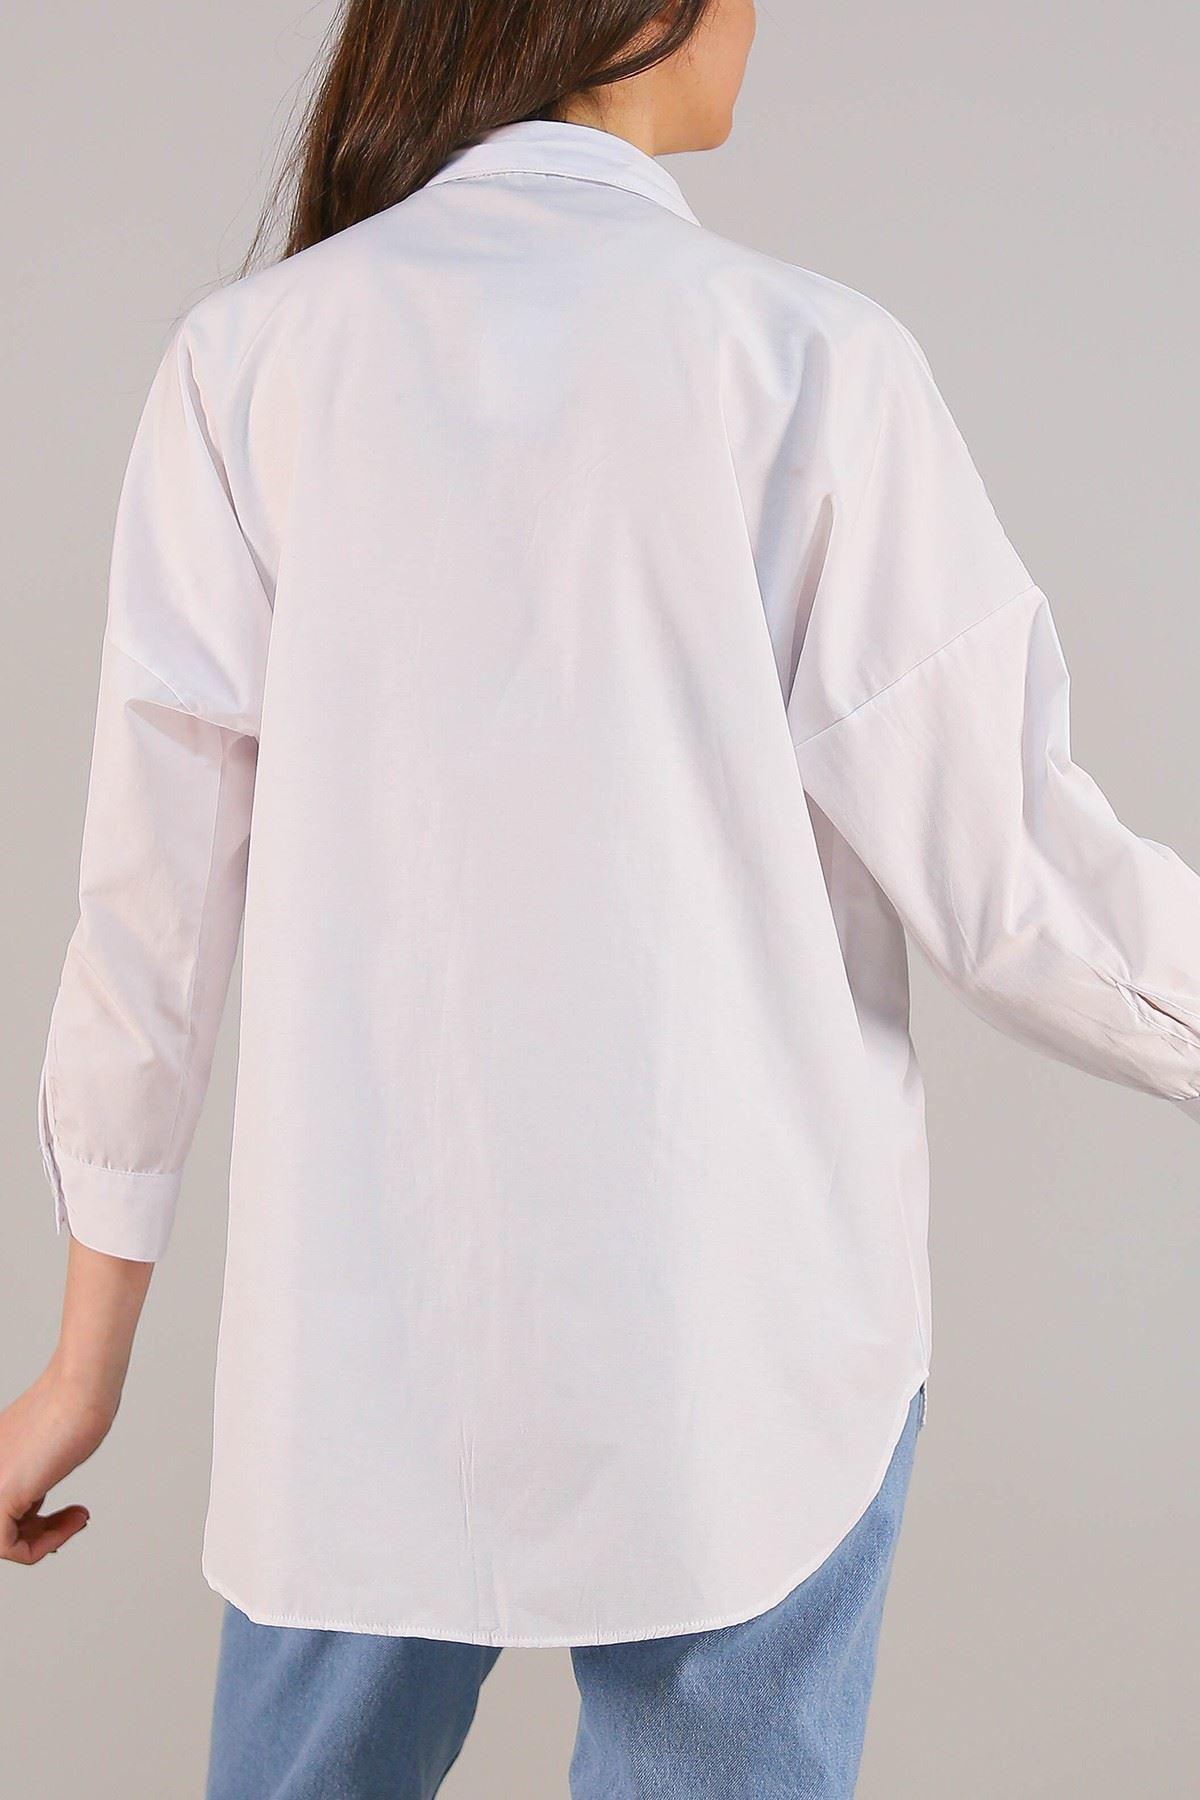 Fermuarlı Gömlek Beyaz - 2580.105.